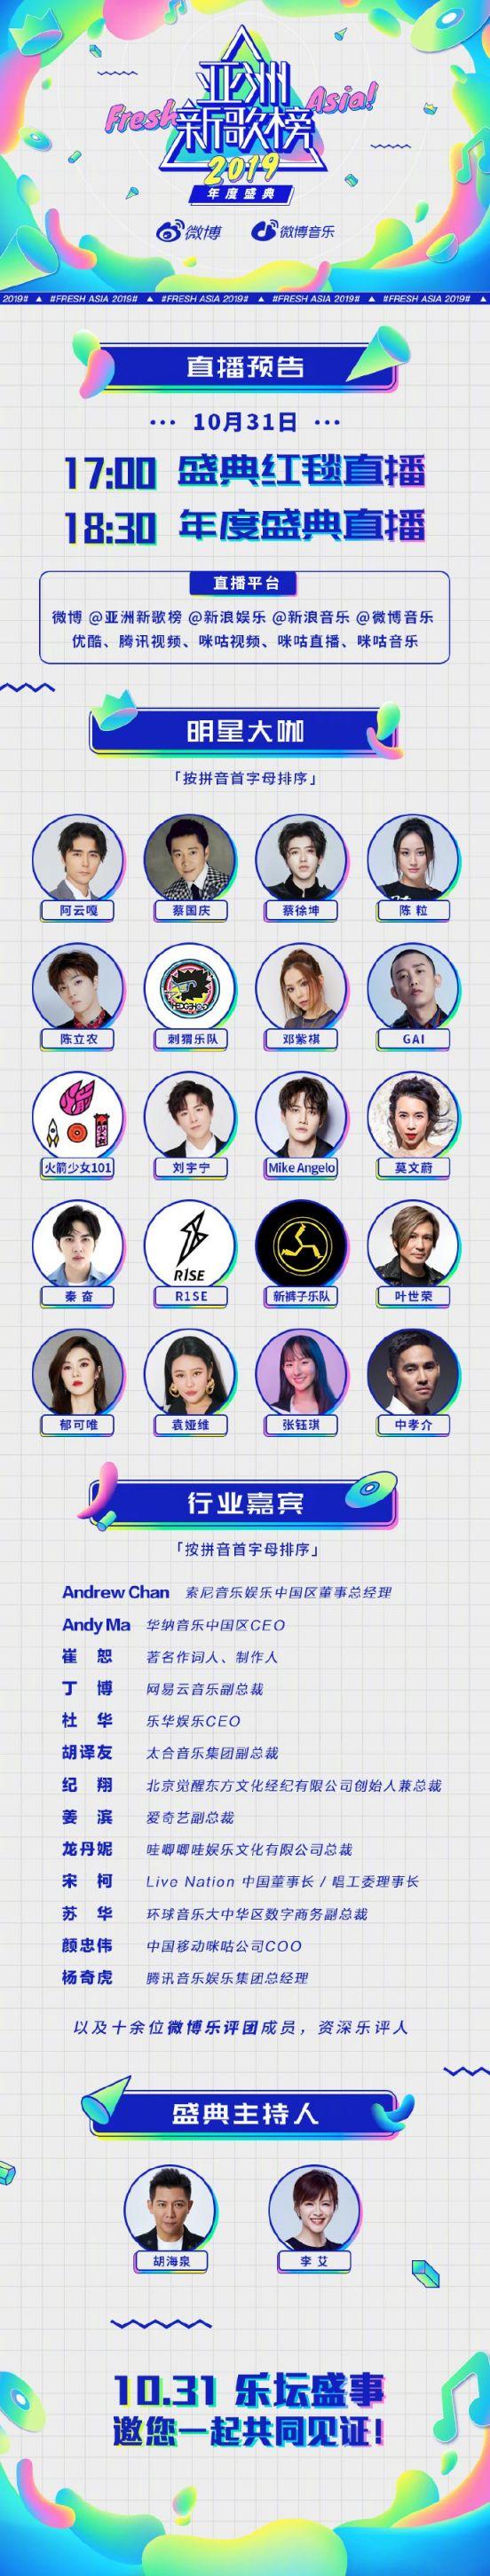 2019亚洲歌曲排行榜_2019《全球华人歌曲排行榜》年度五强名单公布